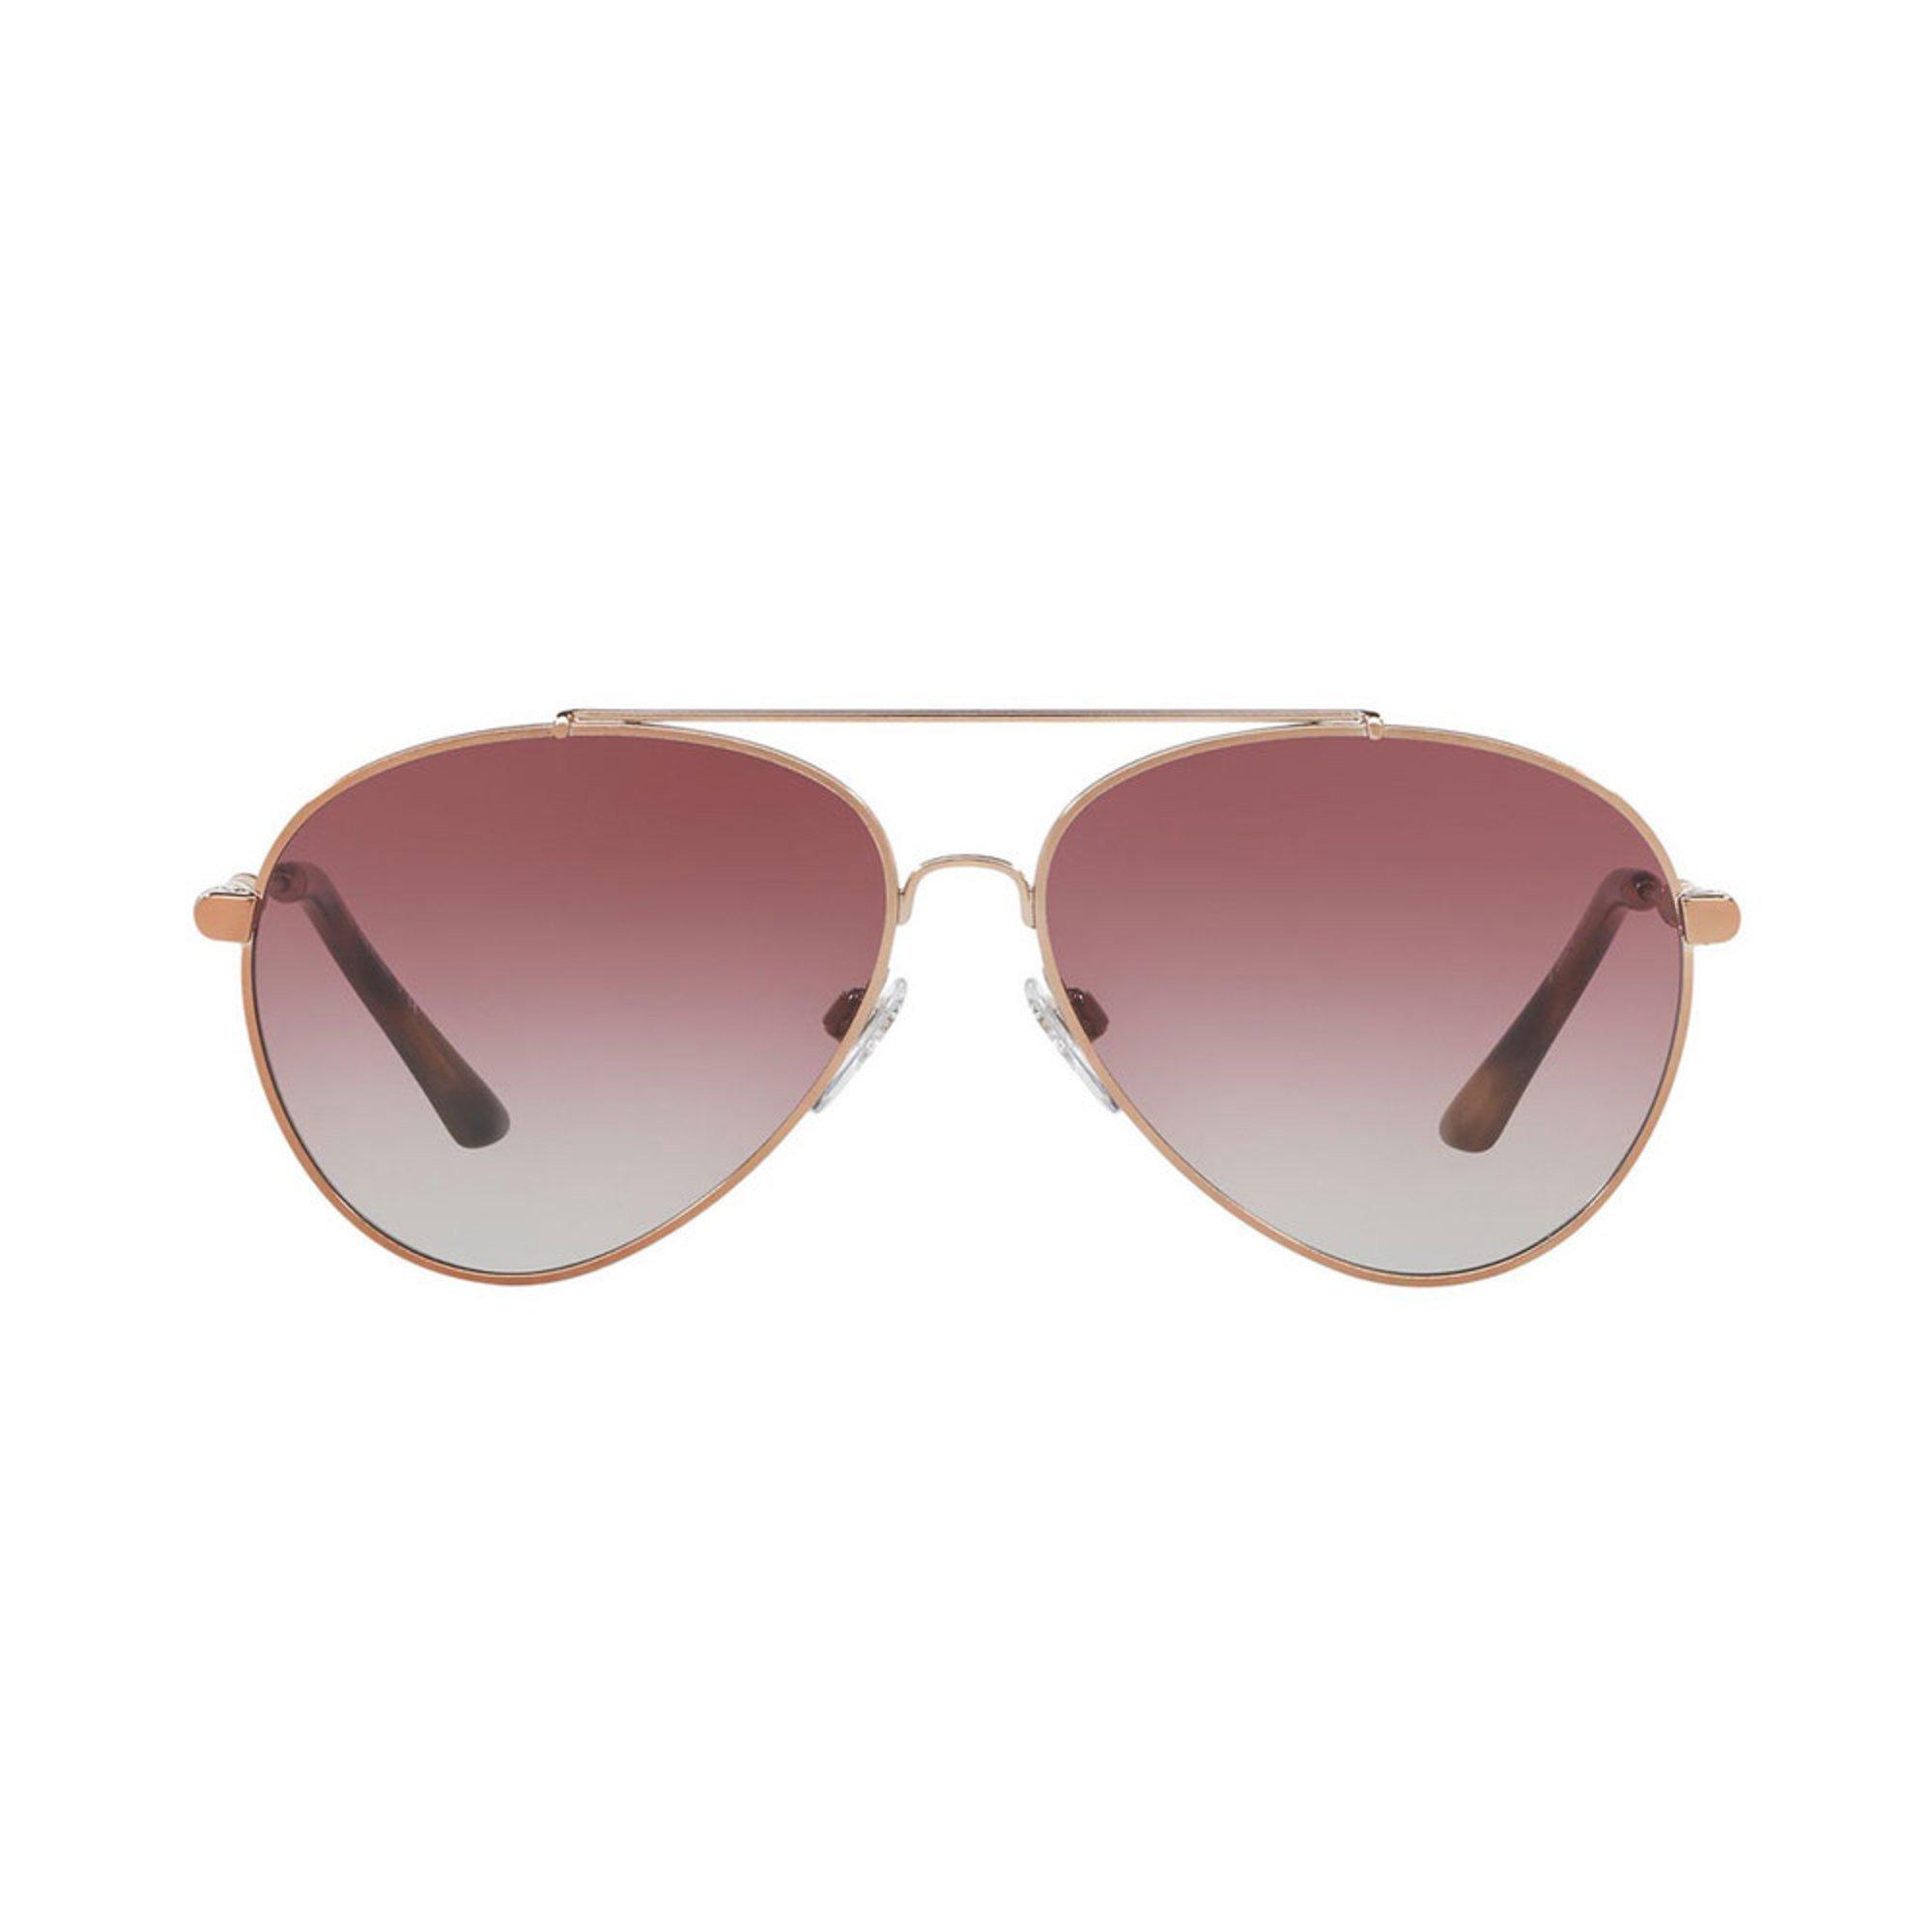 e7c8f9eb1331 Burberry. Burberry Women s Pilot Sunglasses